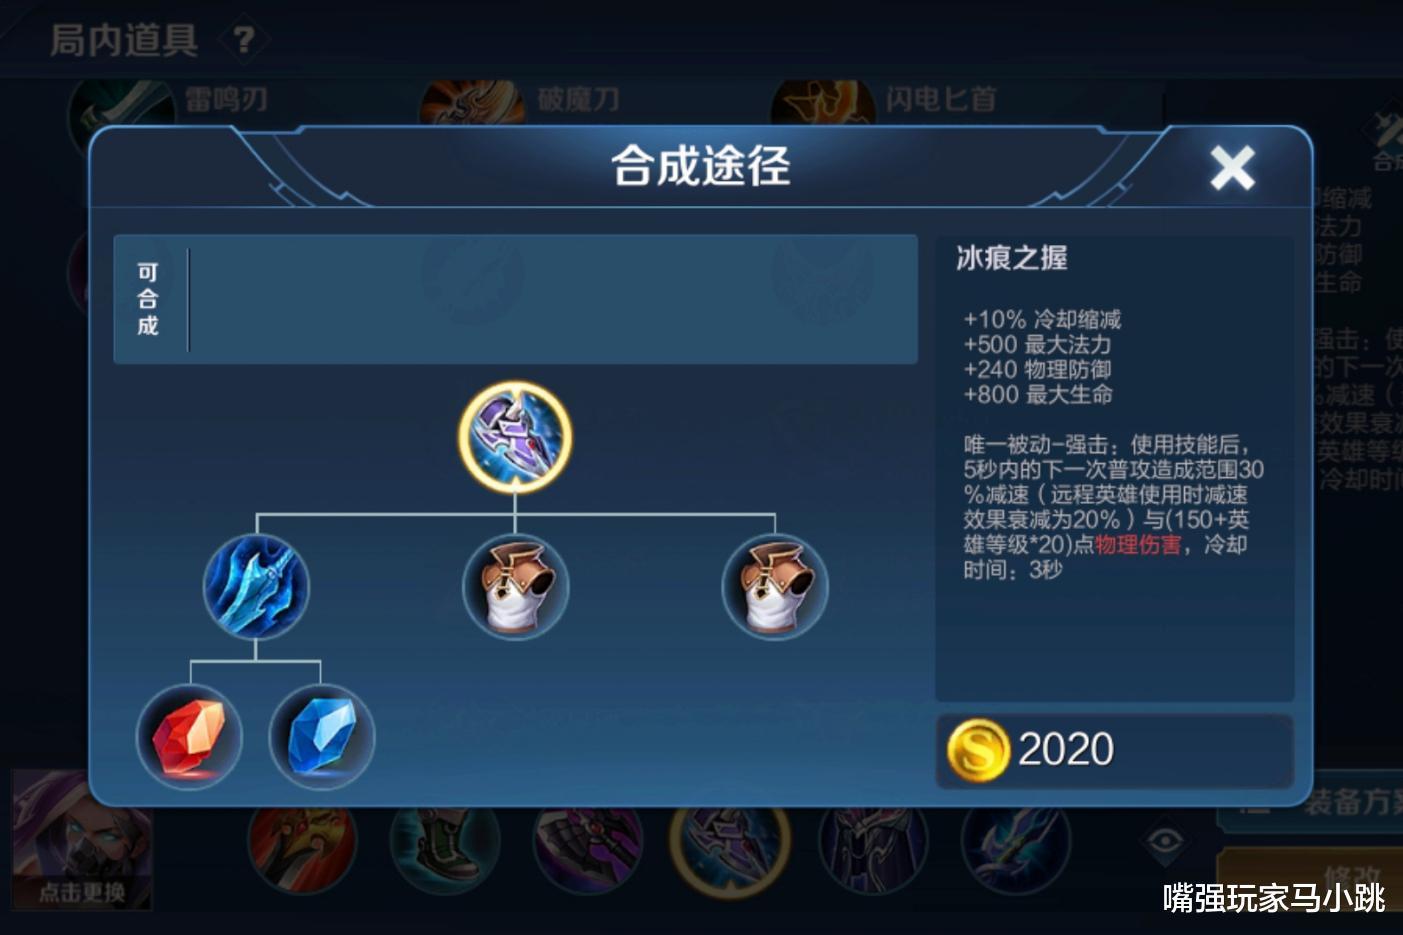 """《【煜星平台登录地址】800场兰陵王告诉你,出破军等于""""废了"""",2020的它让你七进七出》"""